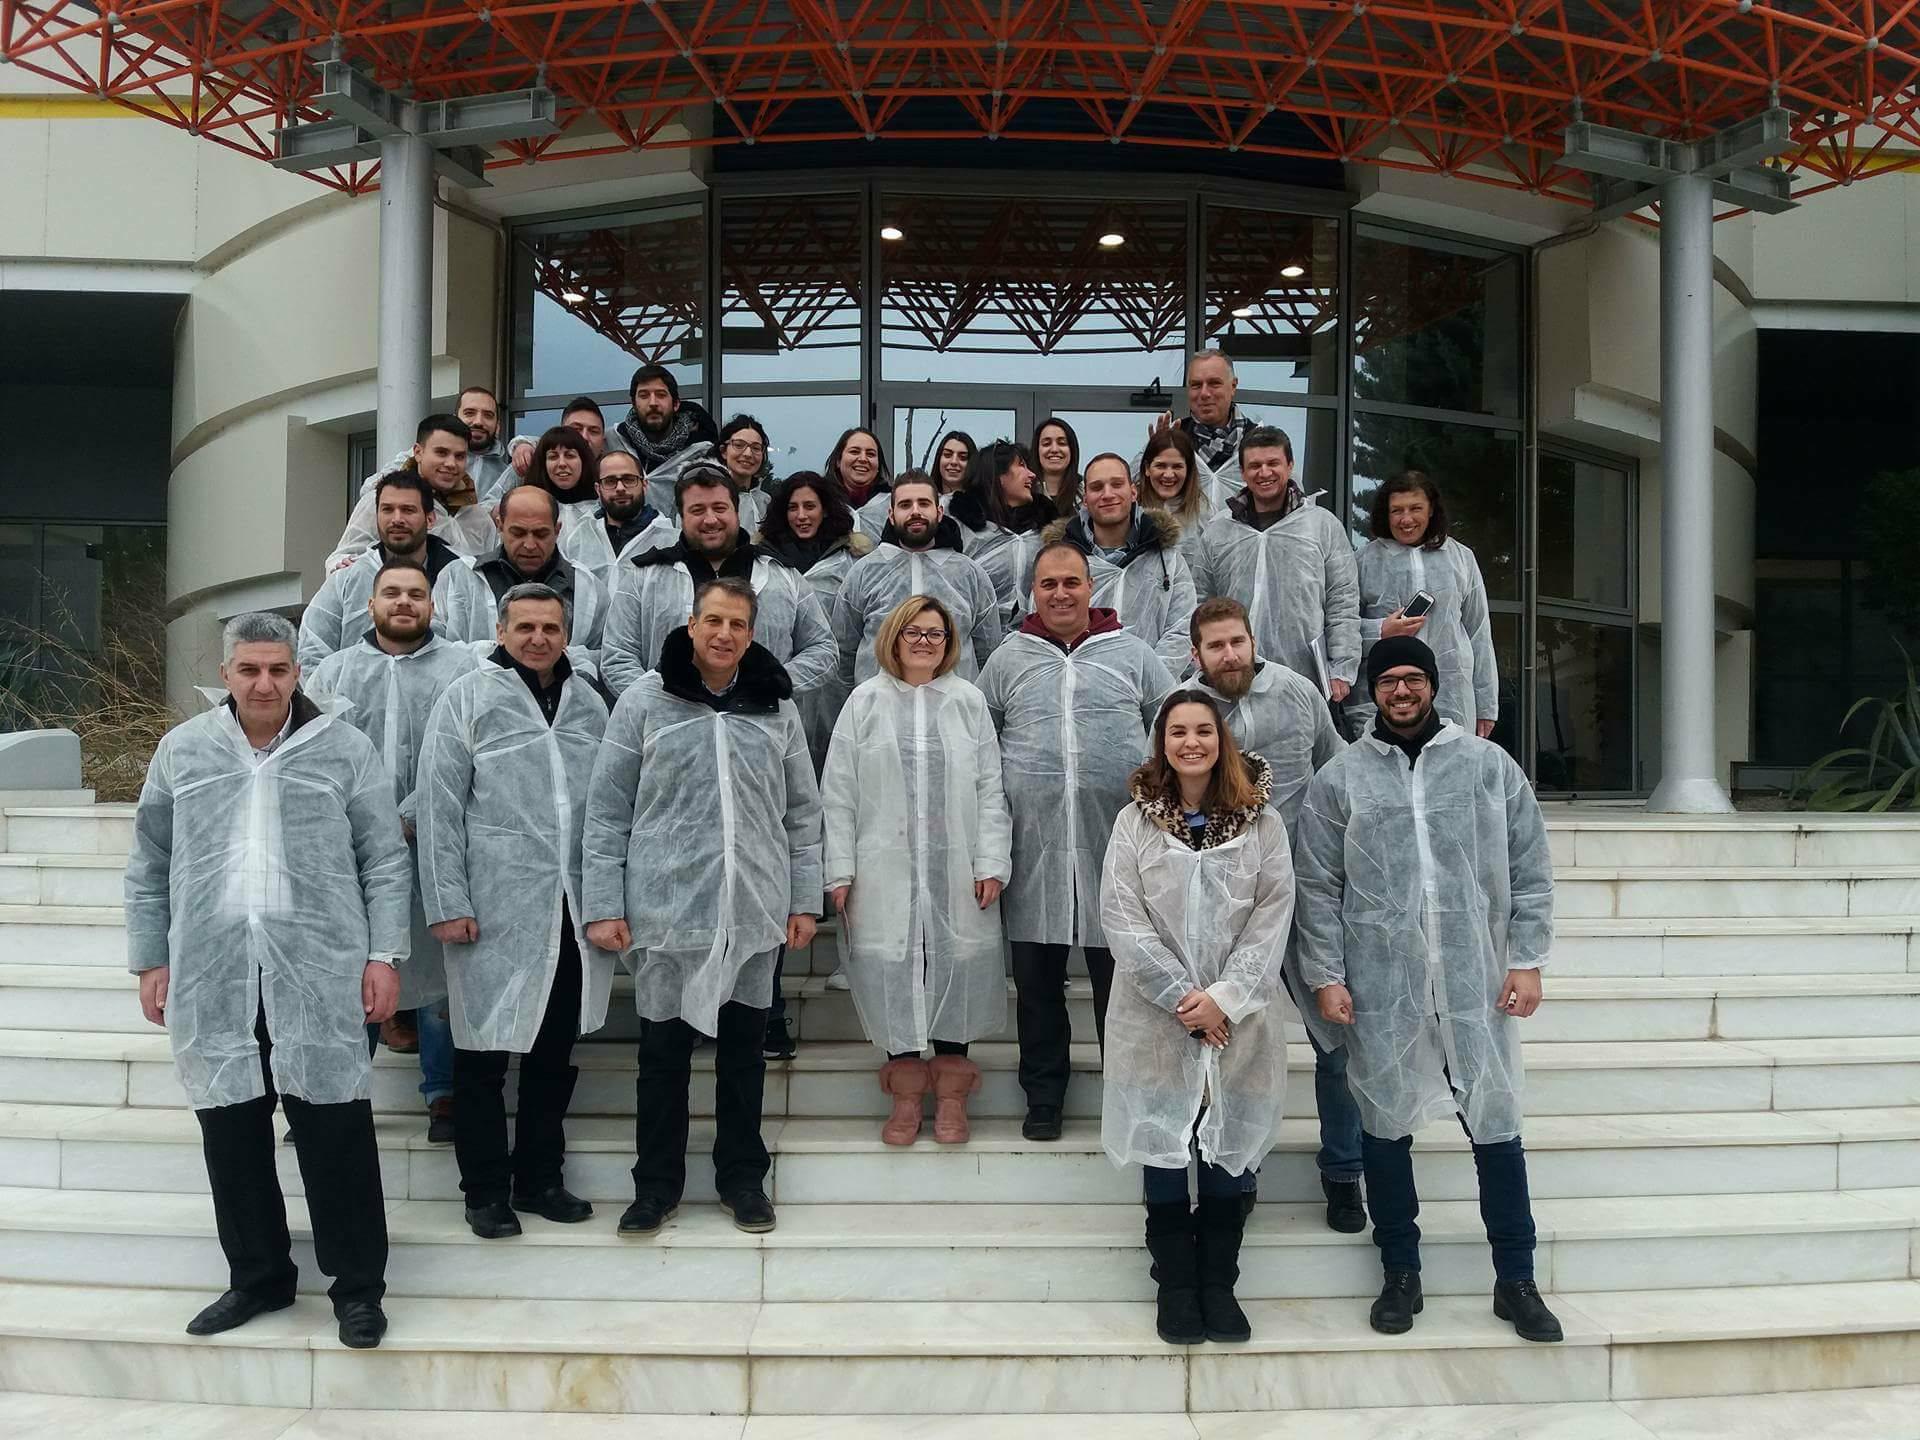 Επίσκεψη φοιτητών Προγράμματος Μεταπτυχιακών Σπουδών στην Εταιρεία Sunlight & Sunlight Recycling